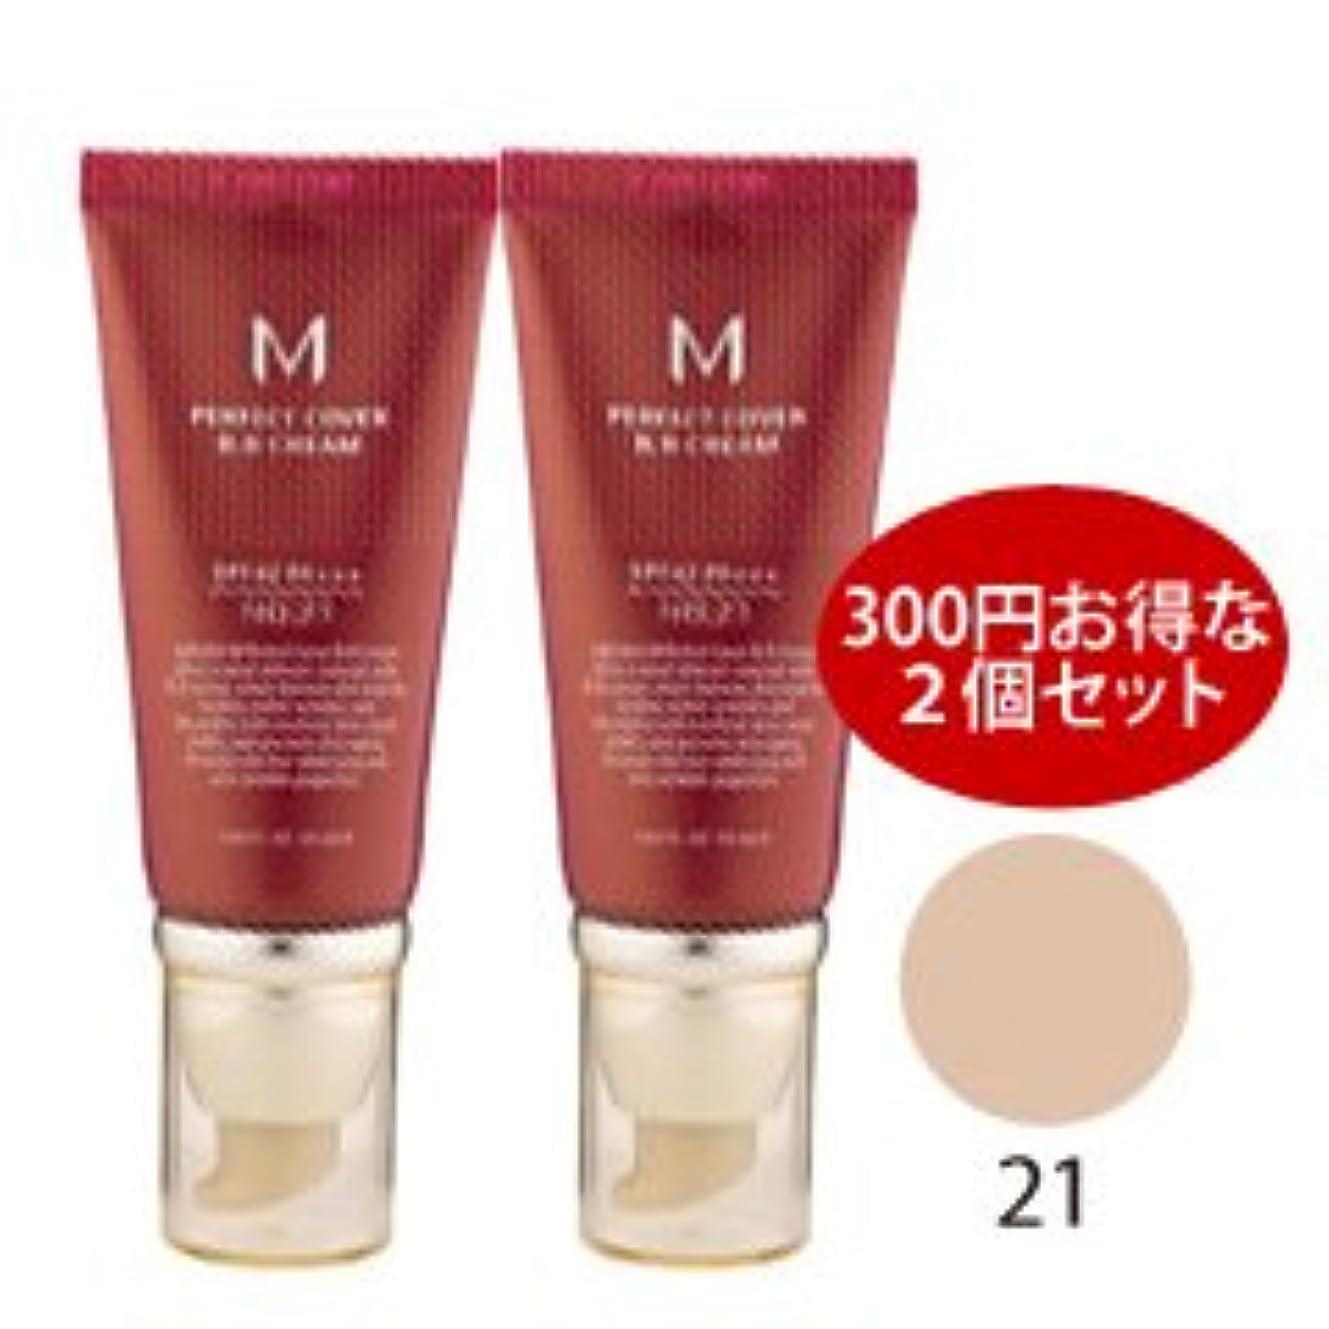 フォアタイプジャンプ貸し手Missha(ミシャ) ミシャ M BBクリーム UV SPF42/PA+++ #21 50ml×2個セット [並行輸入品][海外直送品]